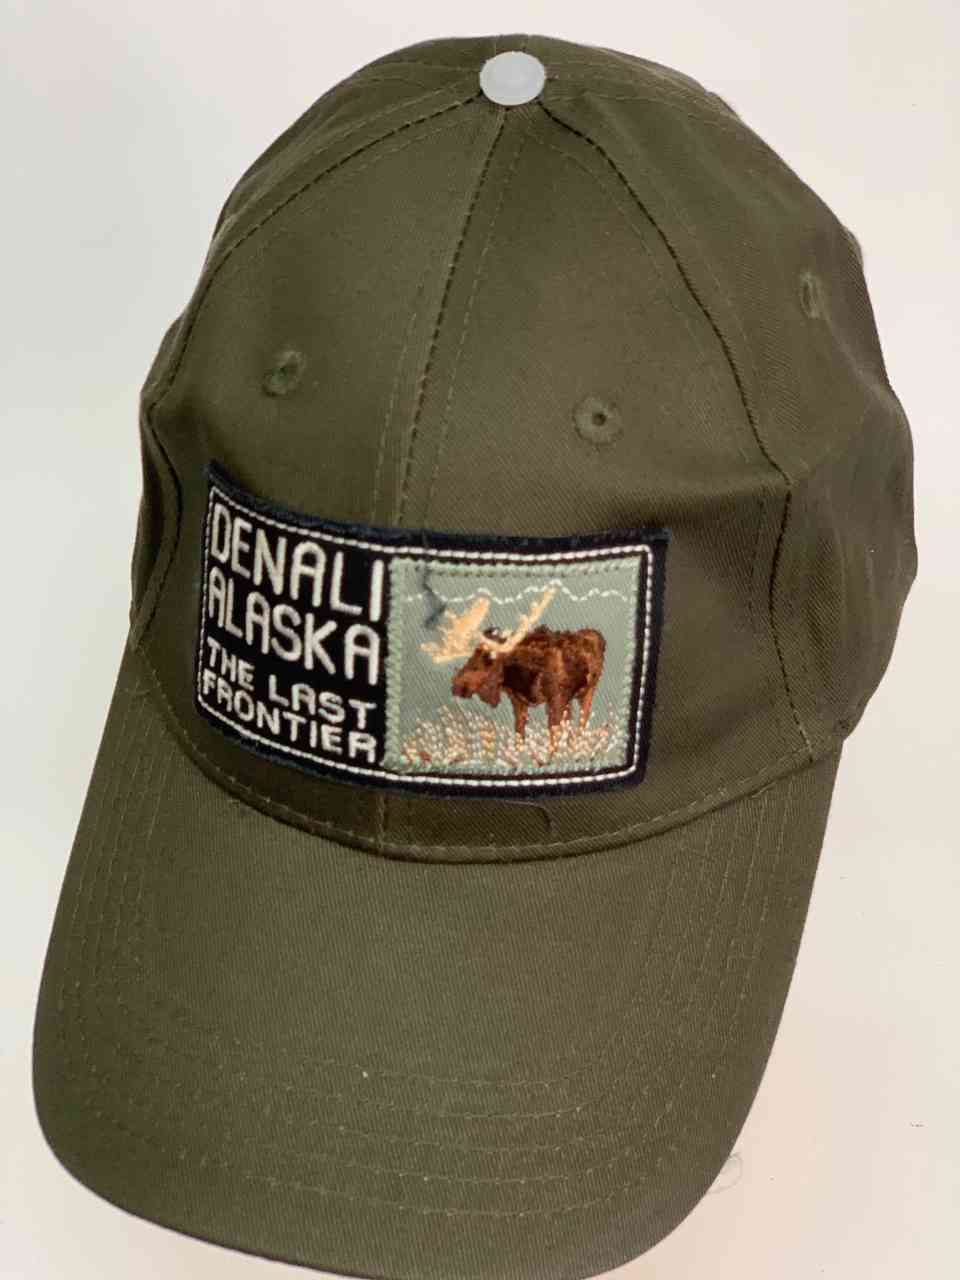 Тёмно-серая бейсболка DENALI ALASKA